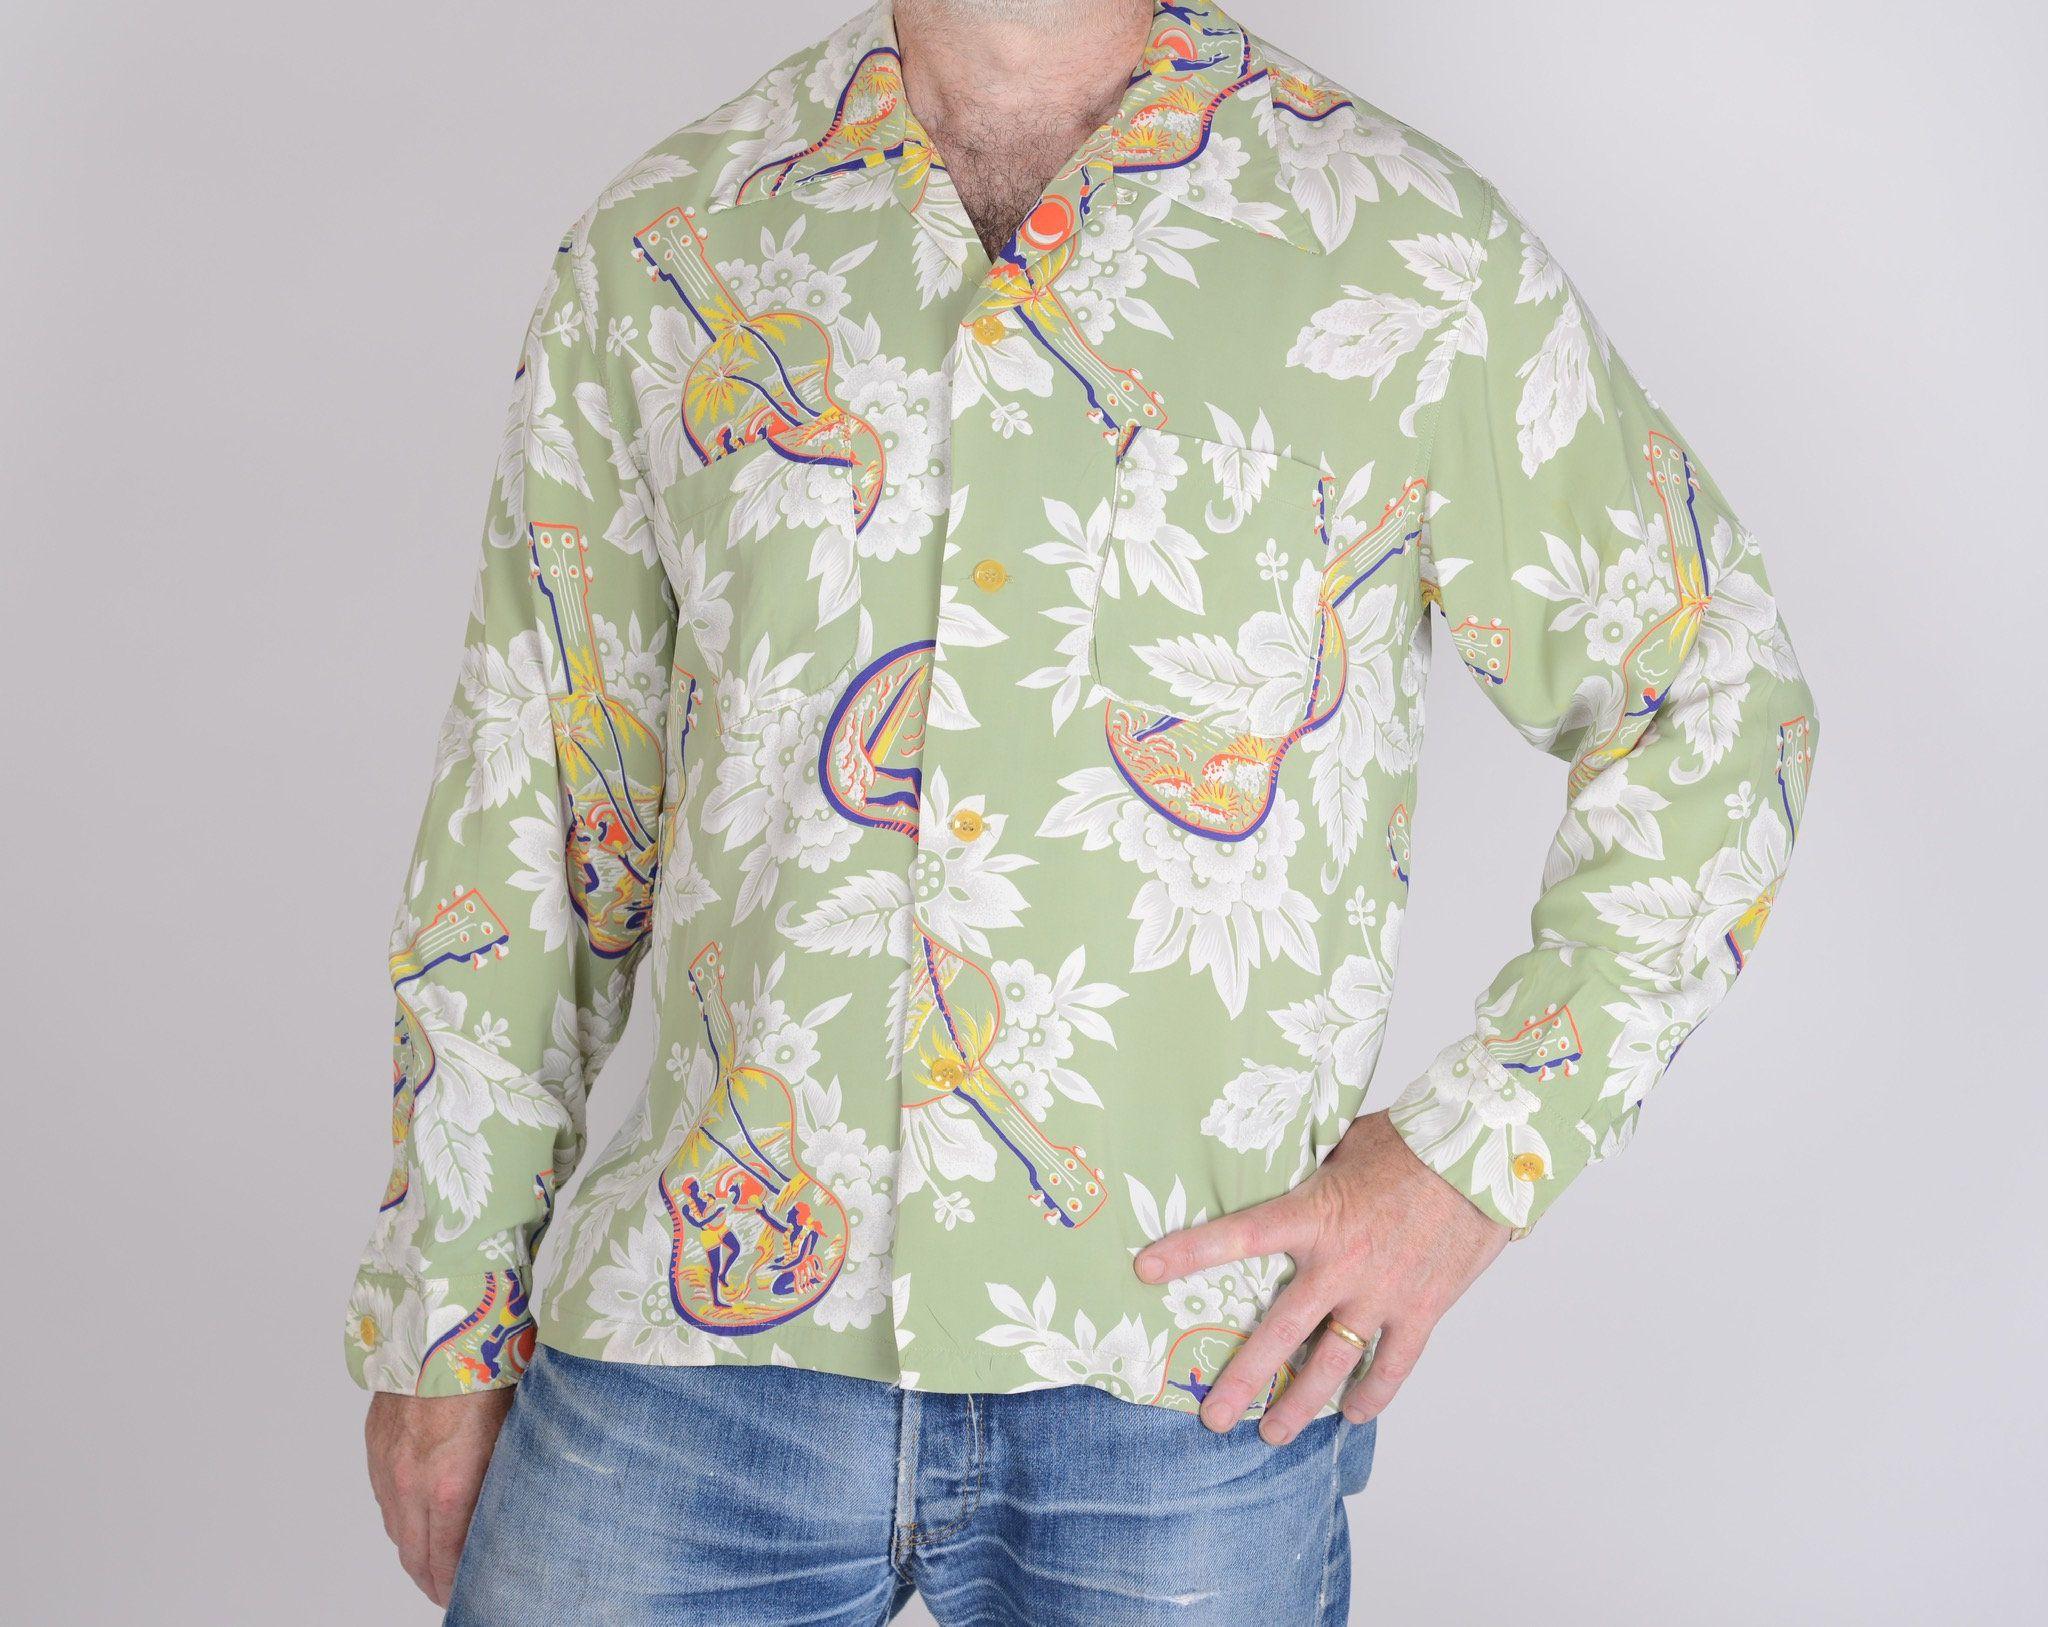 Vintage reproduction hawaiian shirts